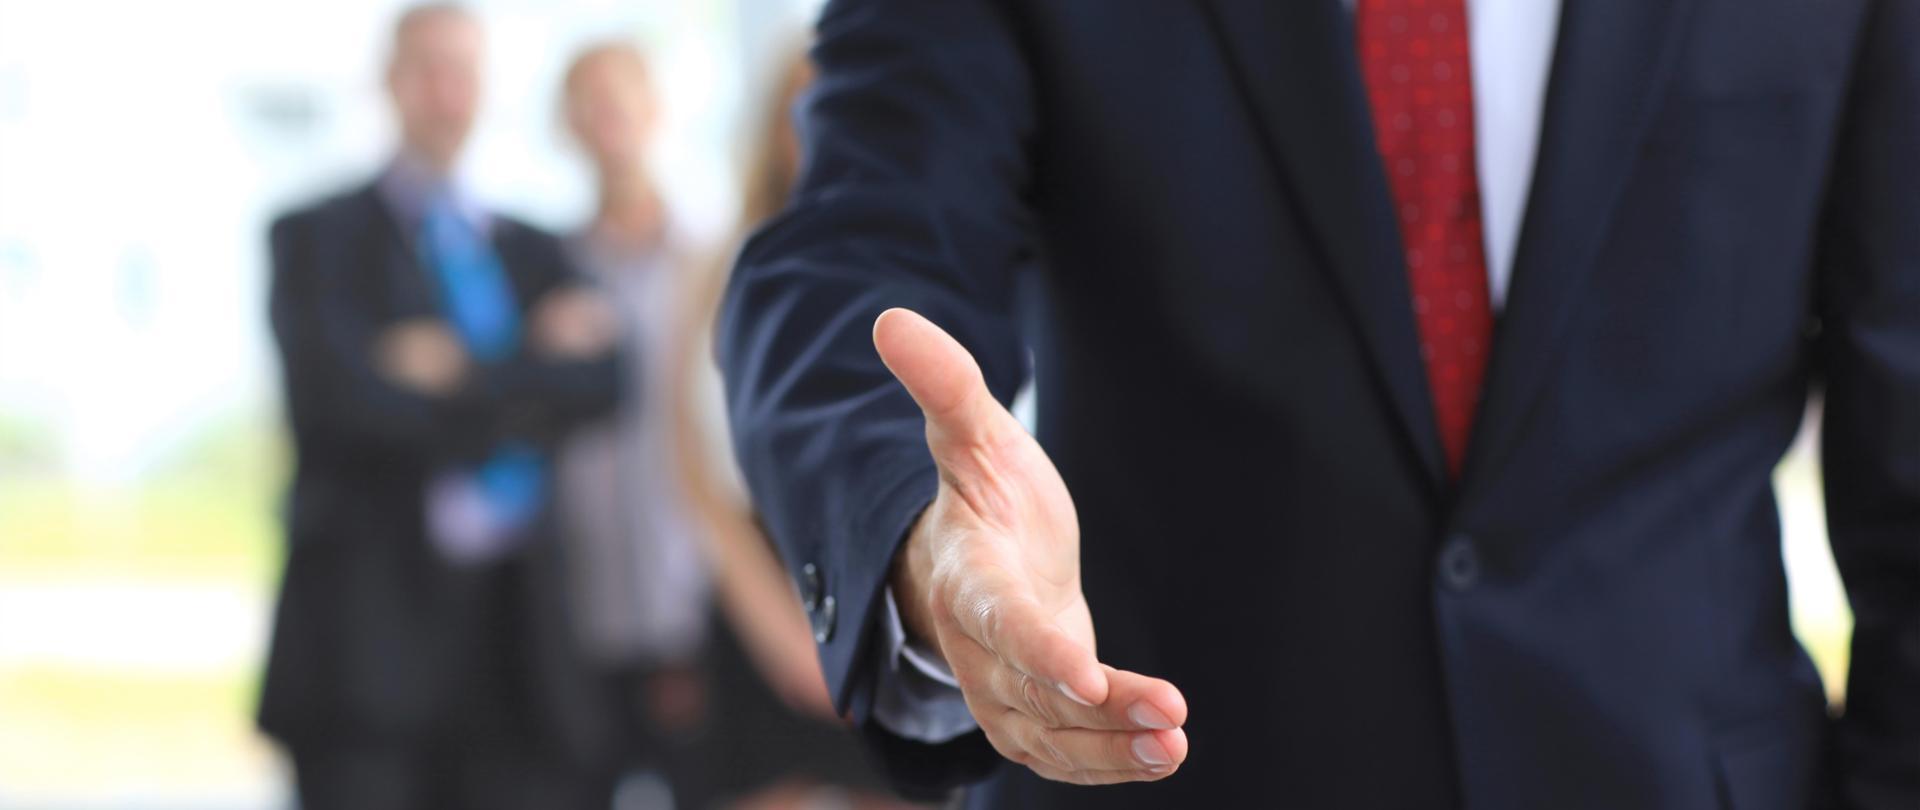 Wyciągnięta dłoń mężczyzny w garniturze a w tle trzy rozmyte postacie